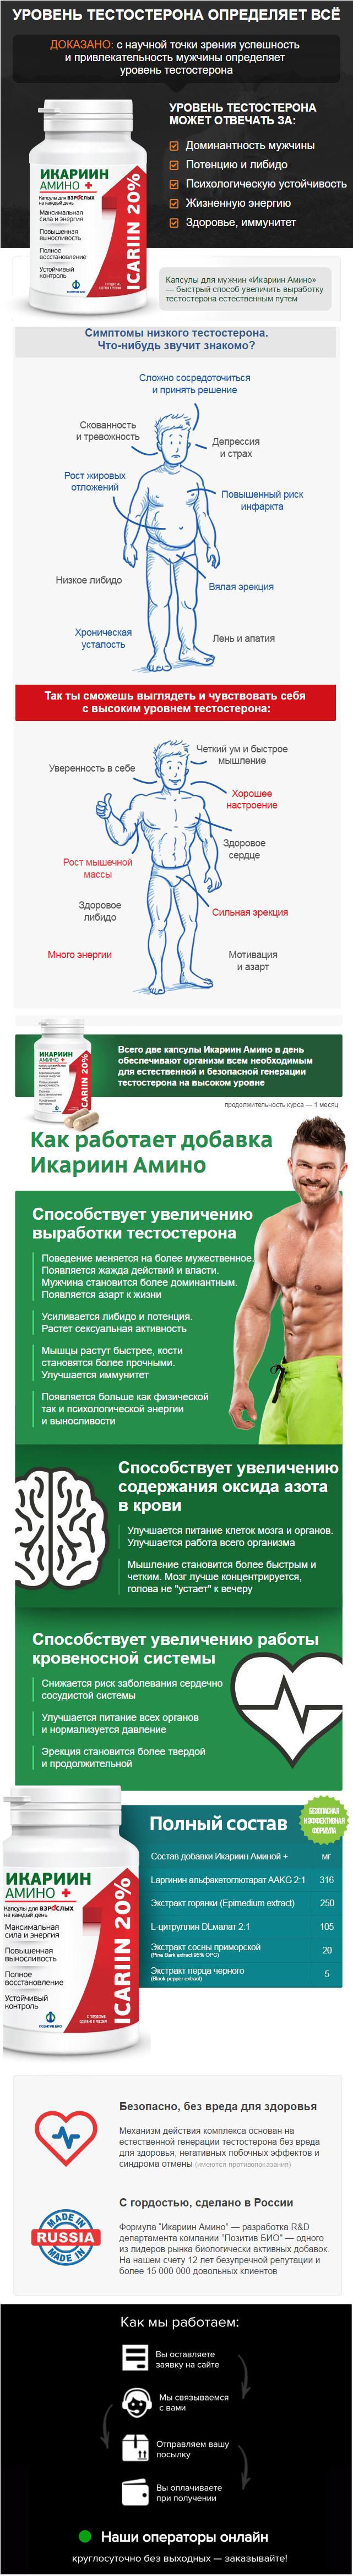 капсулы Икариин Амино для повышения тестостерона купить